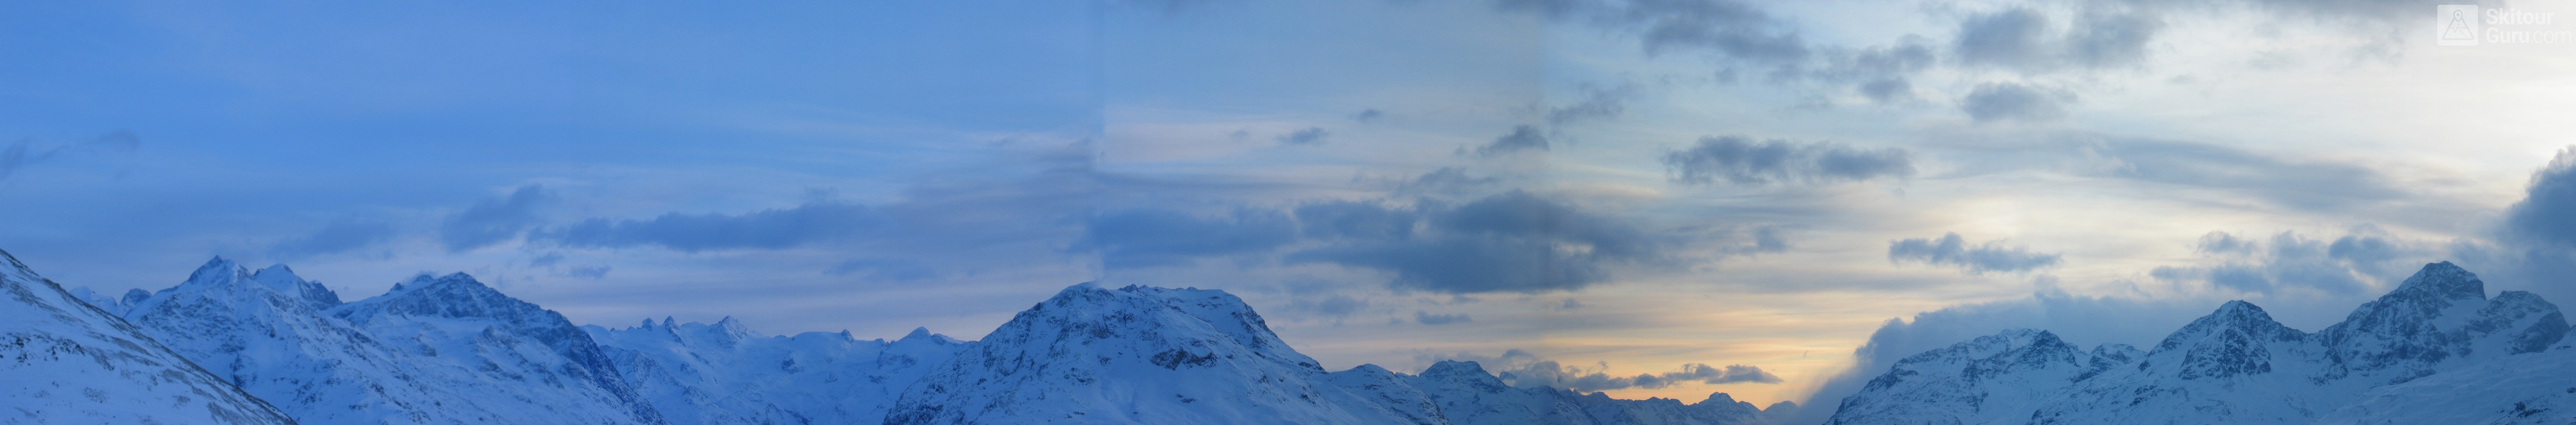 Muottas Muragl - Romantik Hotel Albula Alpen Schweiz panorama 14